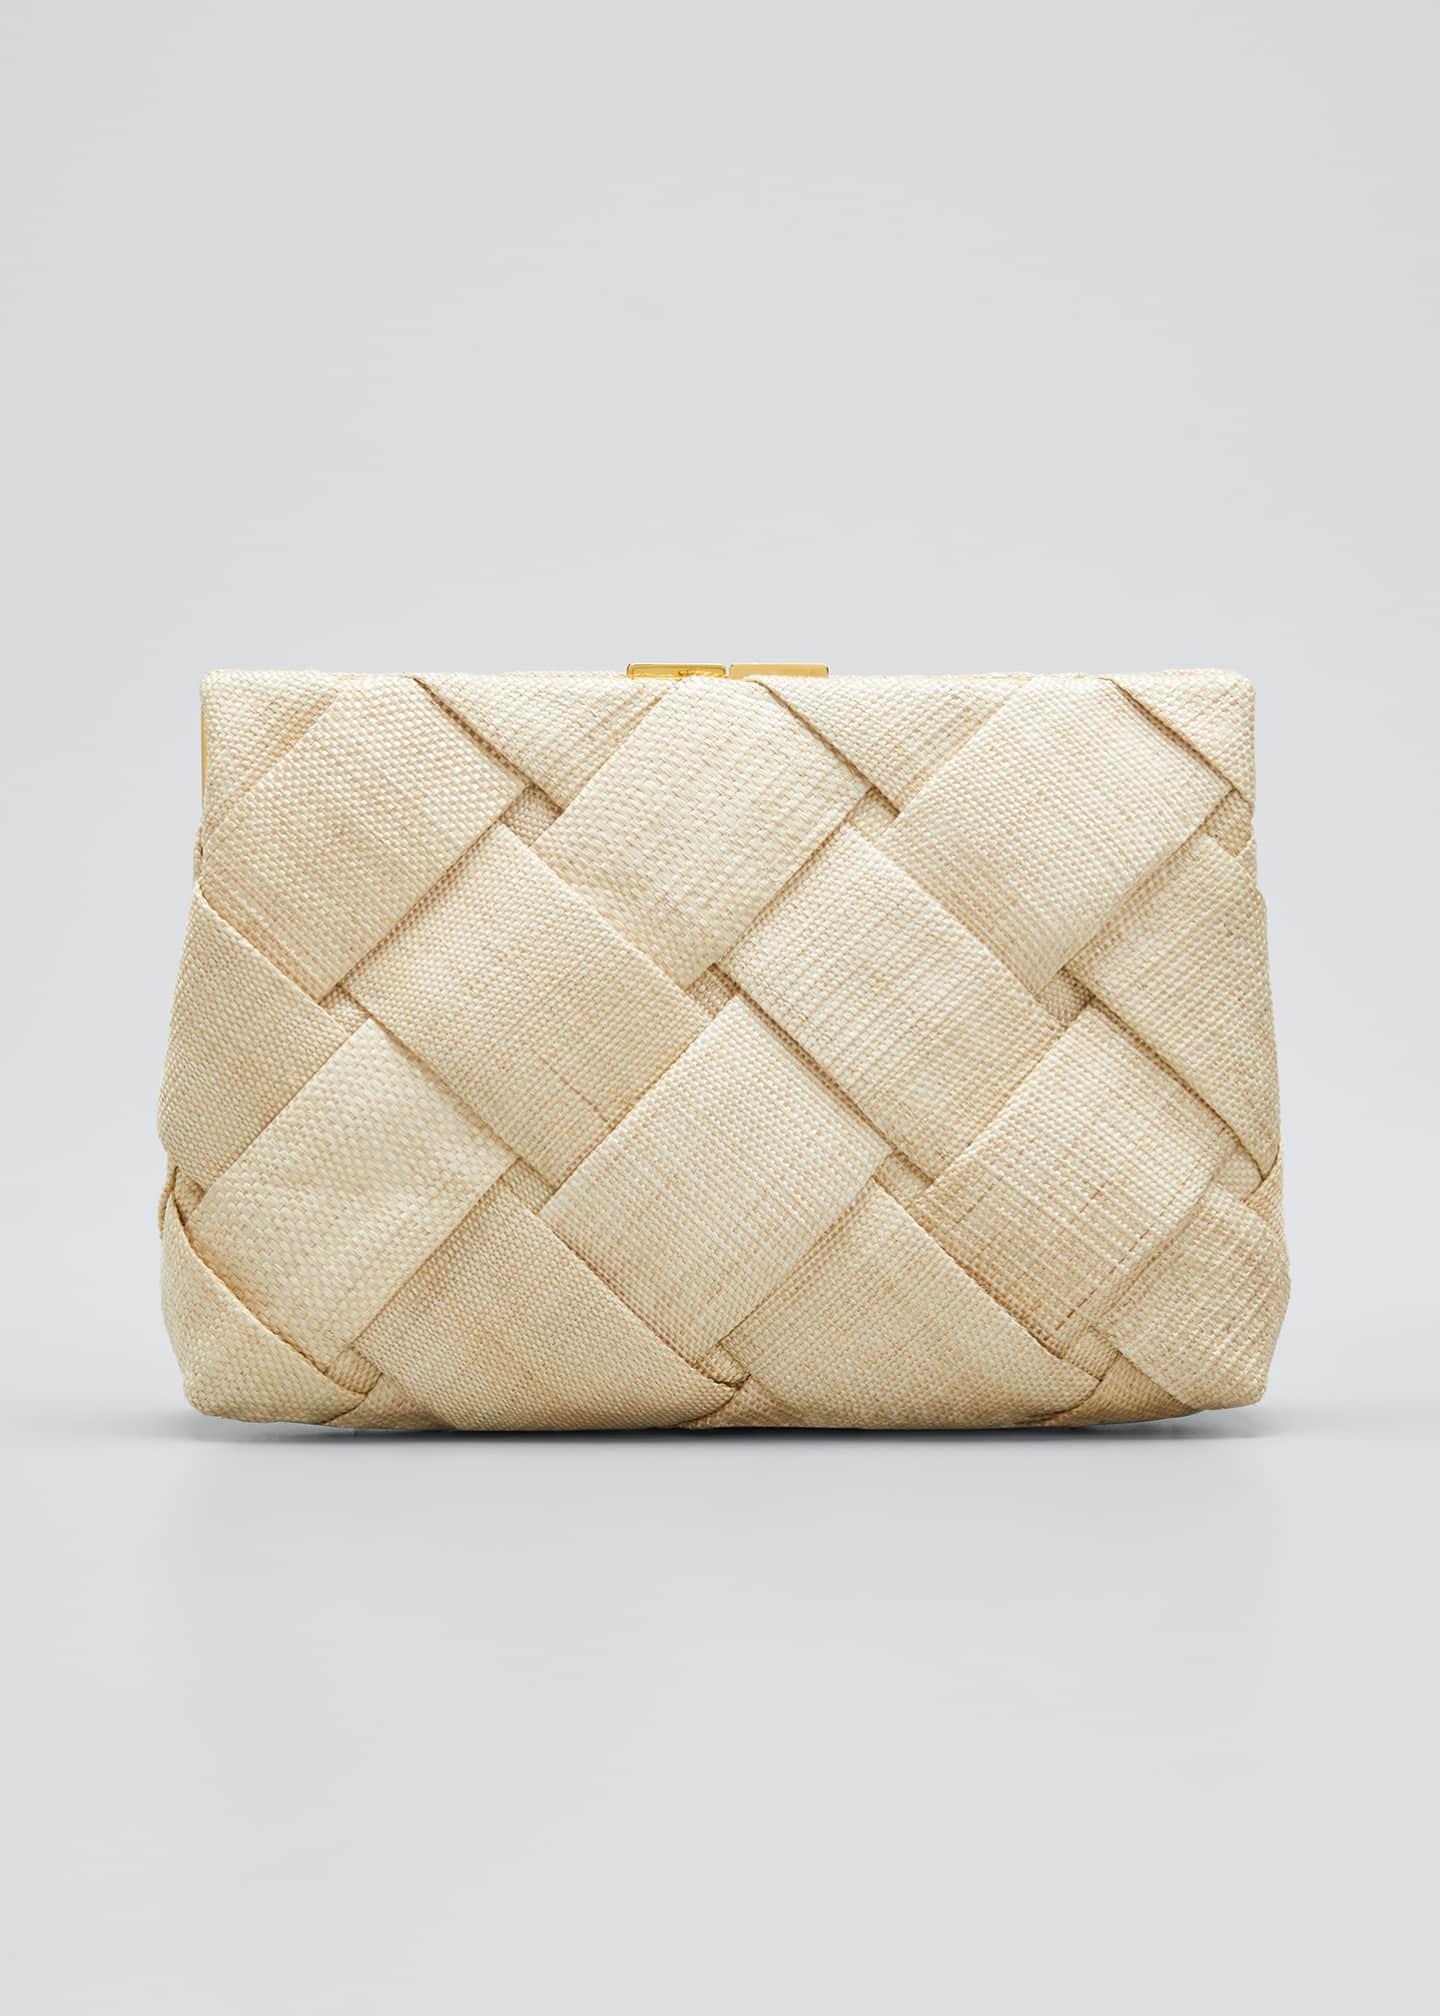 NANCY GONZALEZ Small Woven Linen/Croc Frame Clutch Bag